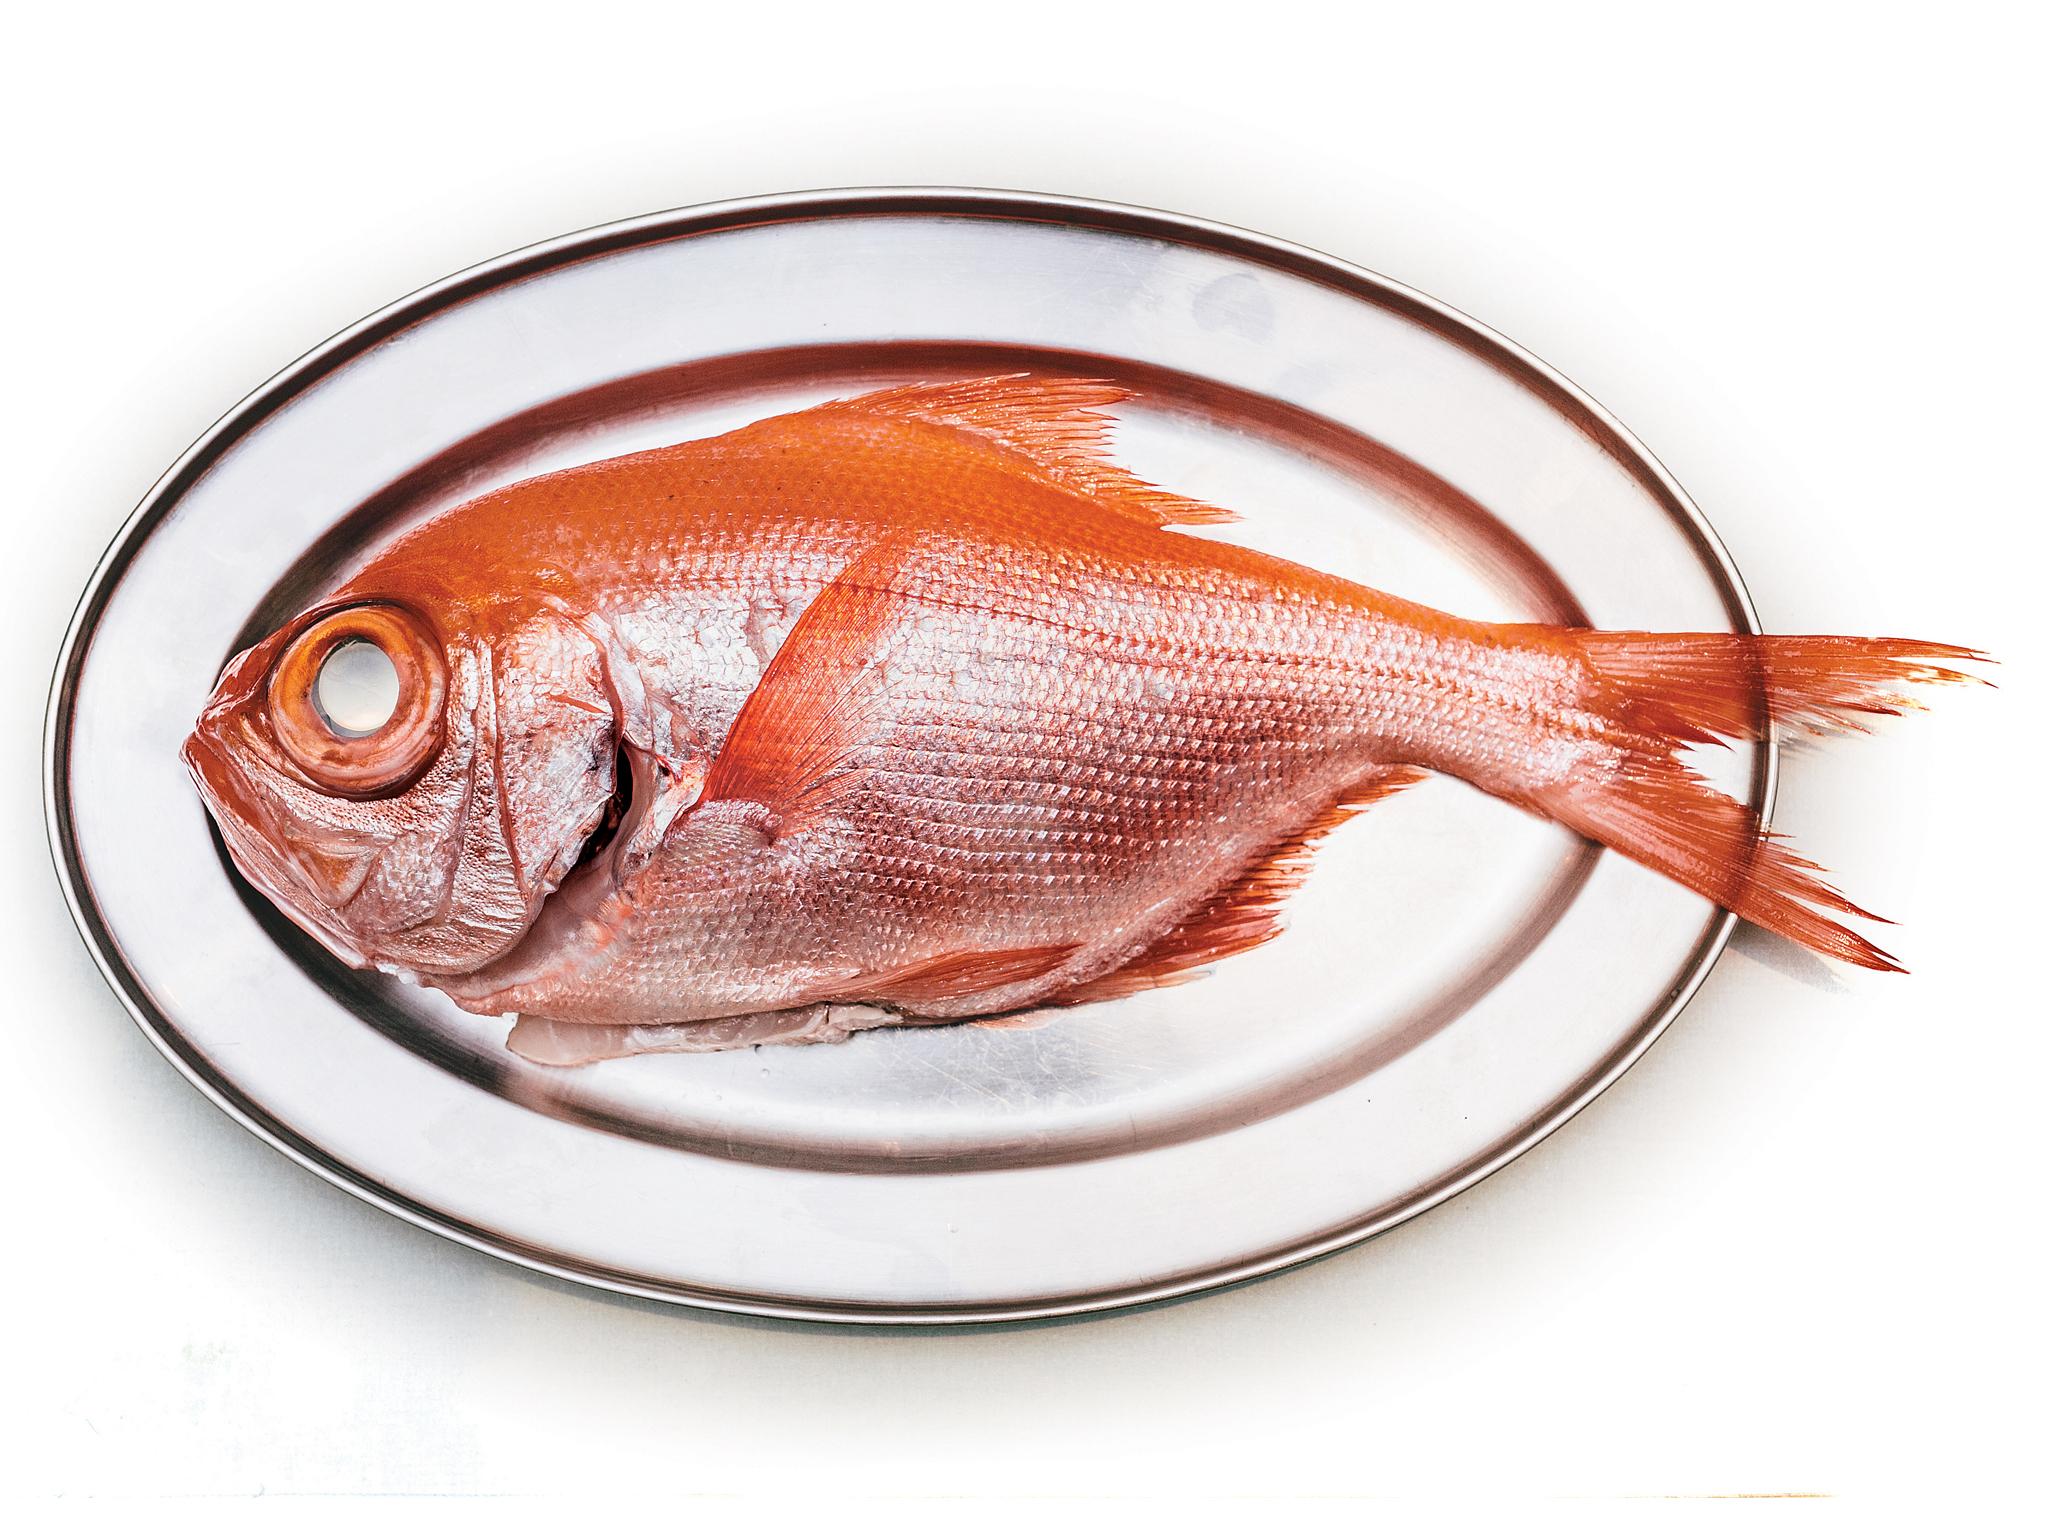 Os melhores restaurantes de peixe e marisco